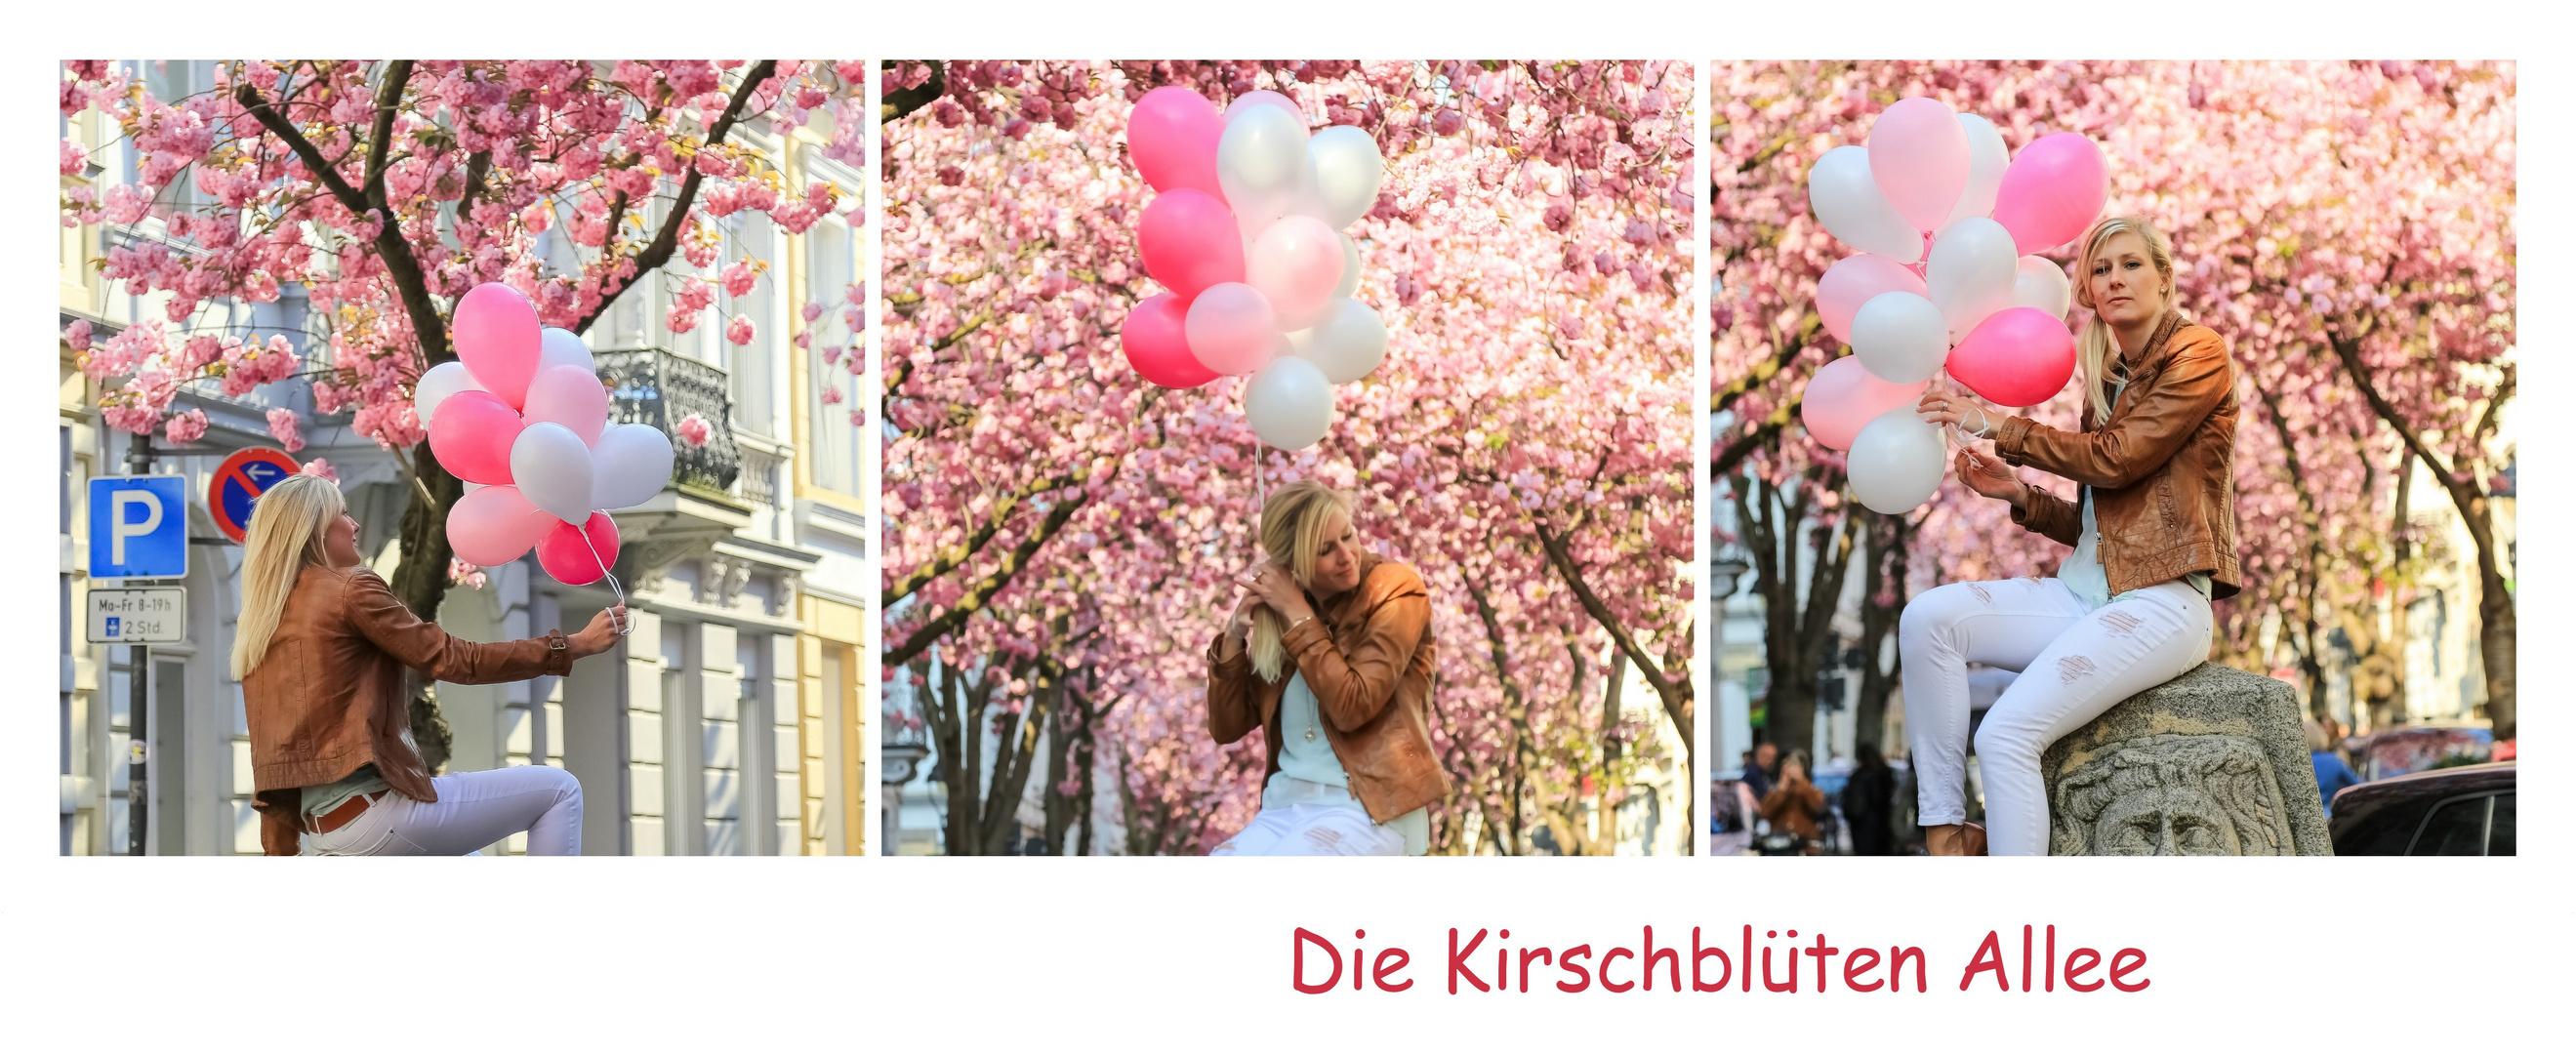 Die Kirschblüten-Allee